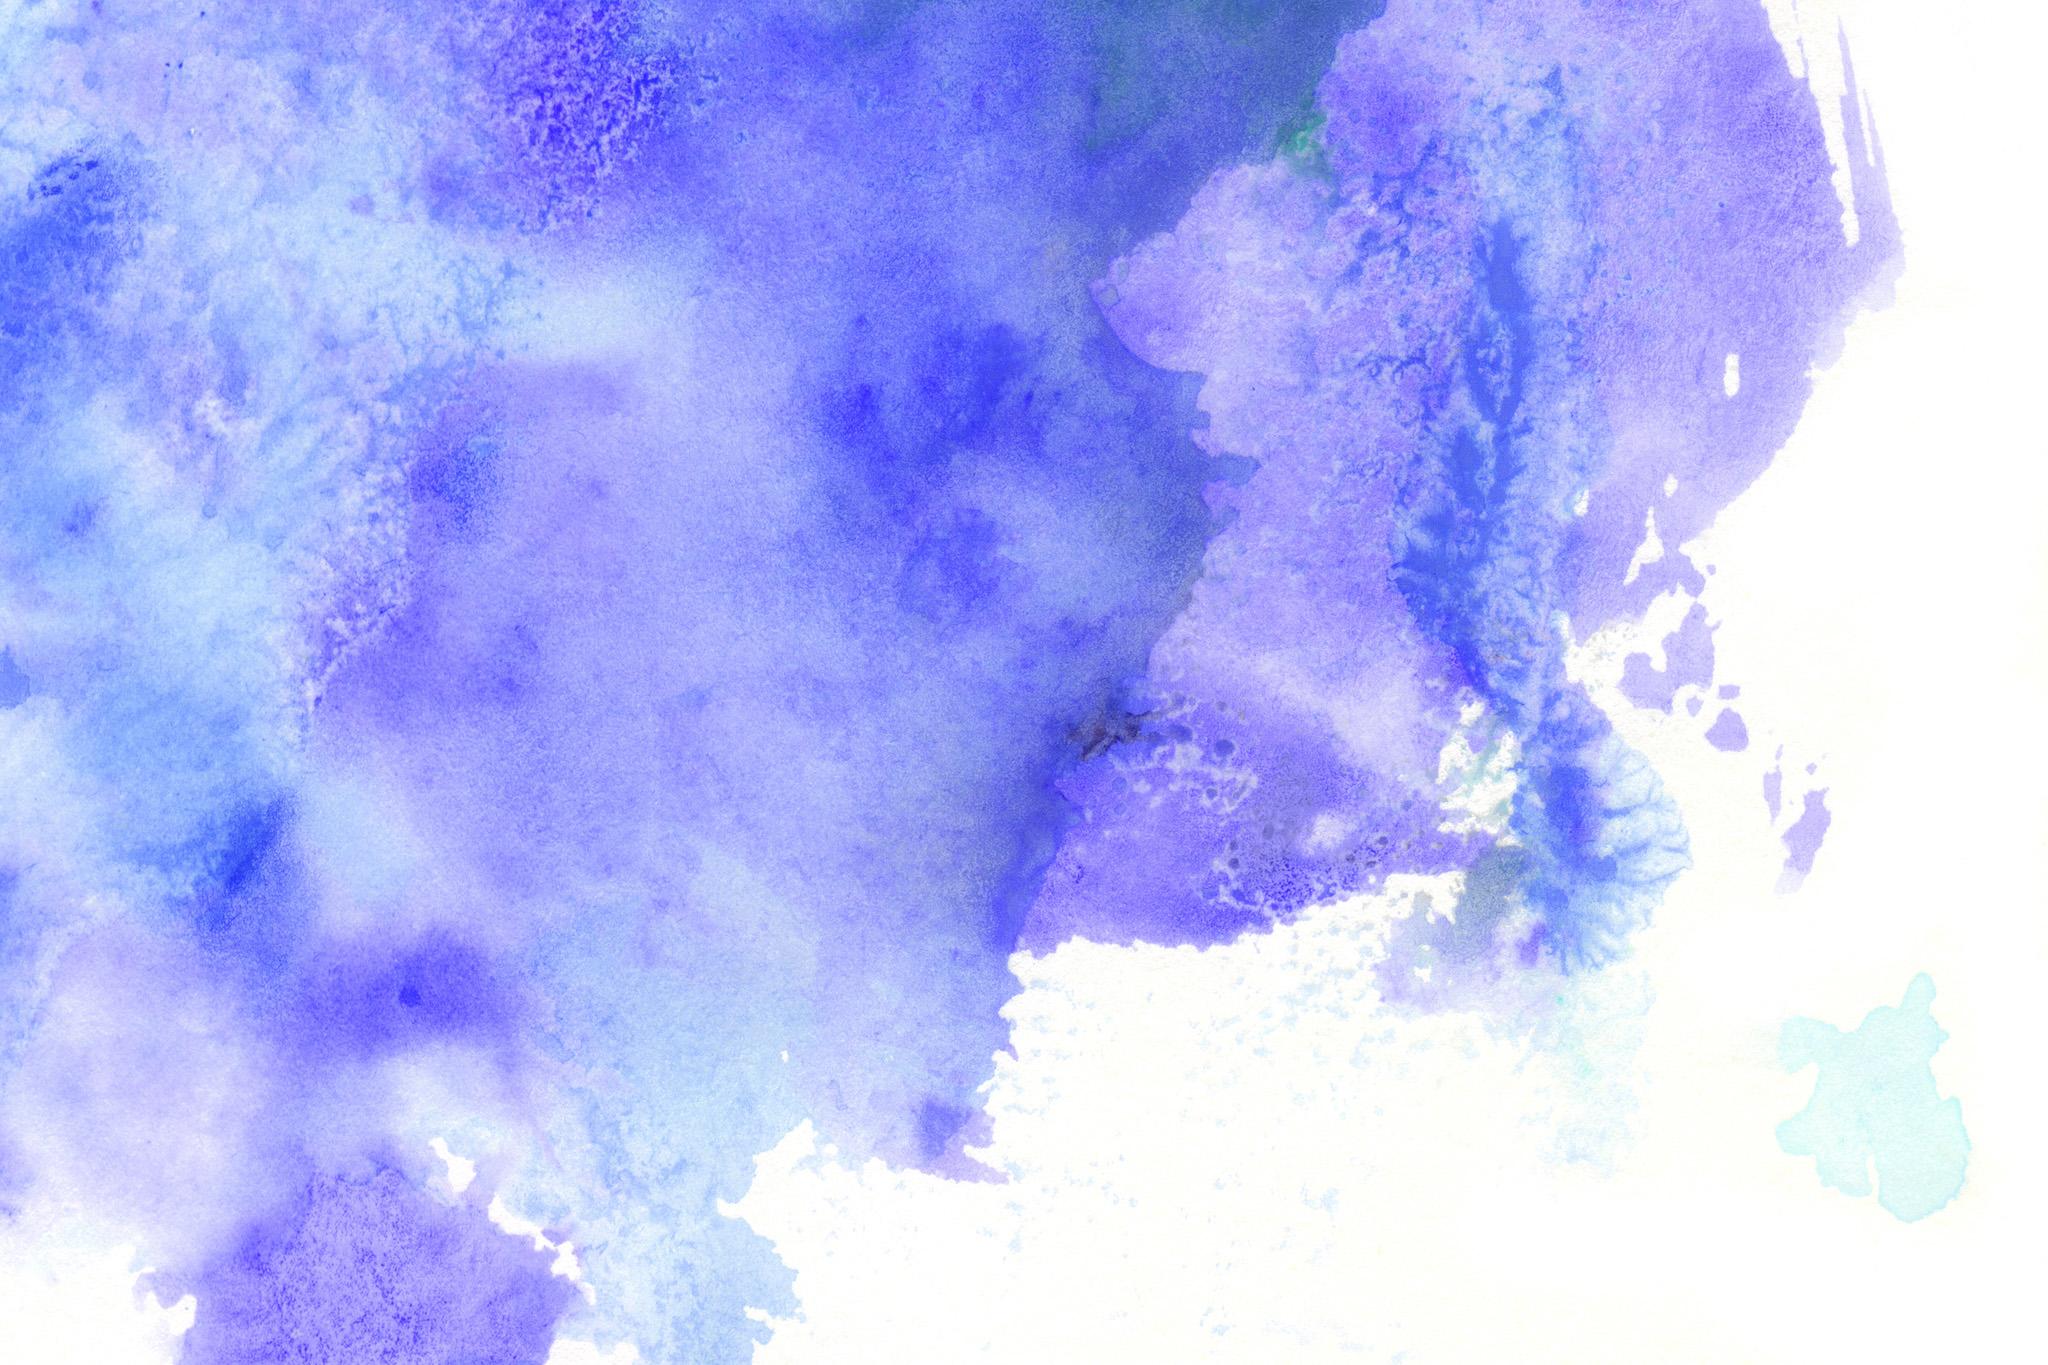 「紫色の水彩のにじみと掠れ」の素材を無料ダウンロード